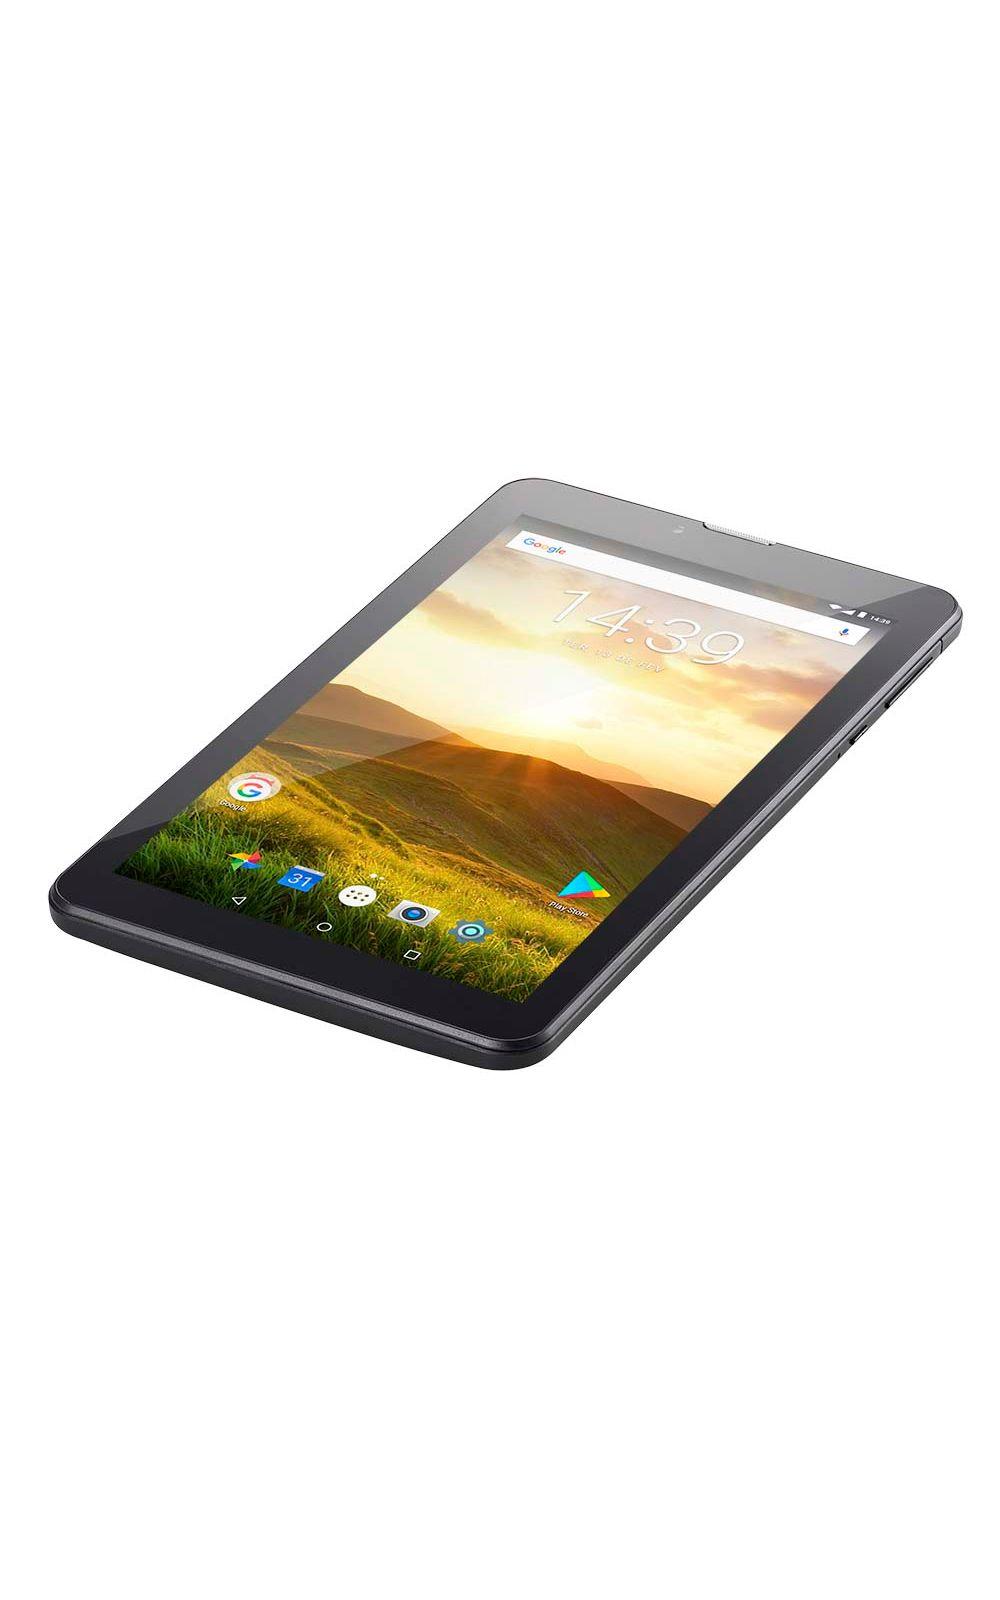 Foto 6 - Tablet Multilaser M7 4G Plus Quad Core 1GB 8GB Tela 7 Pol. Android Dual Câmera Preto - NB285